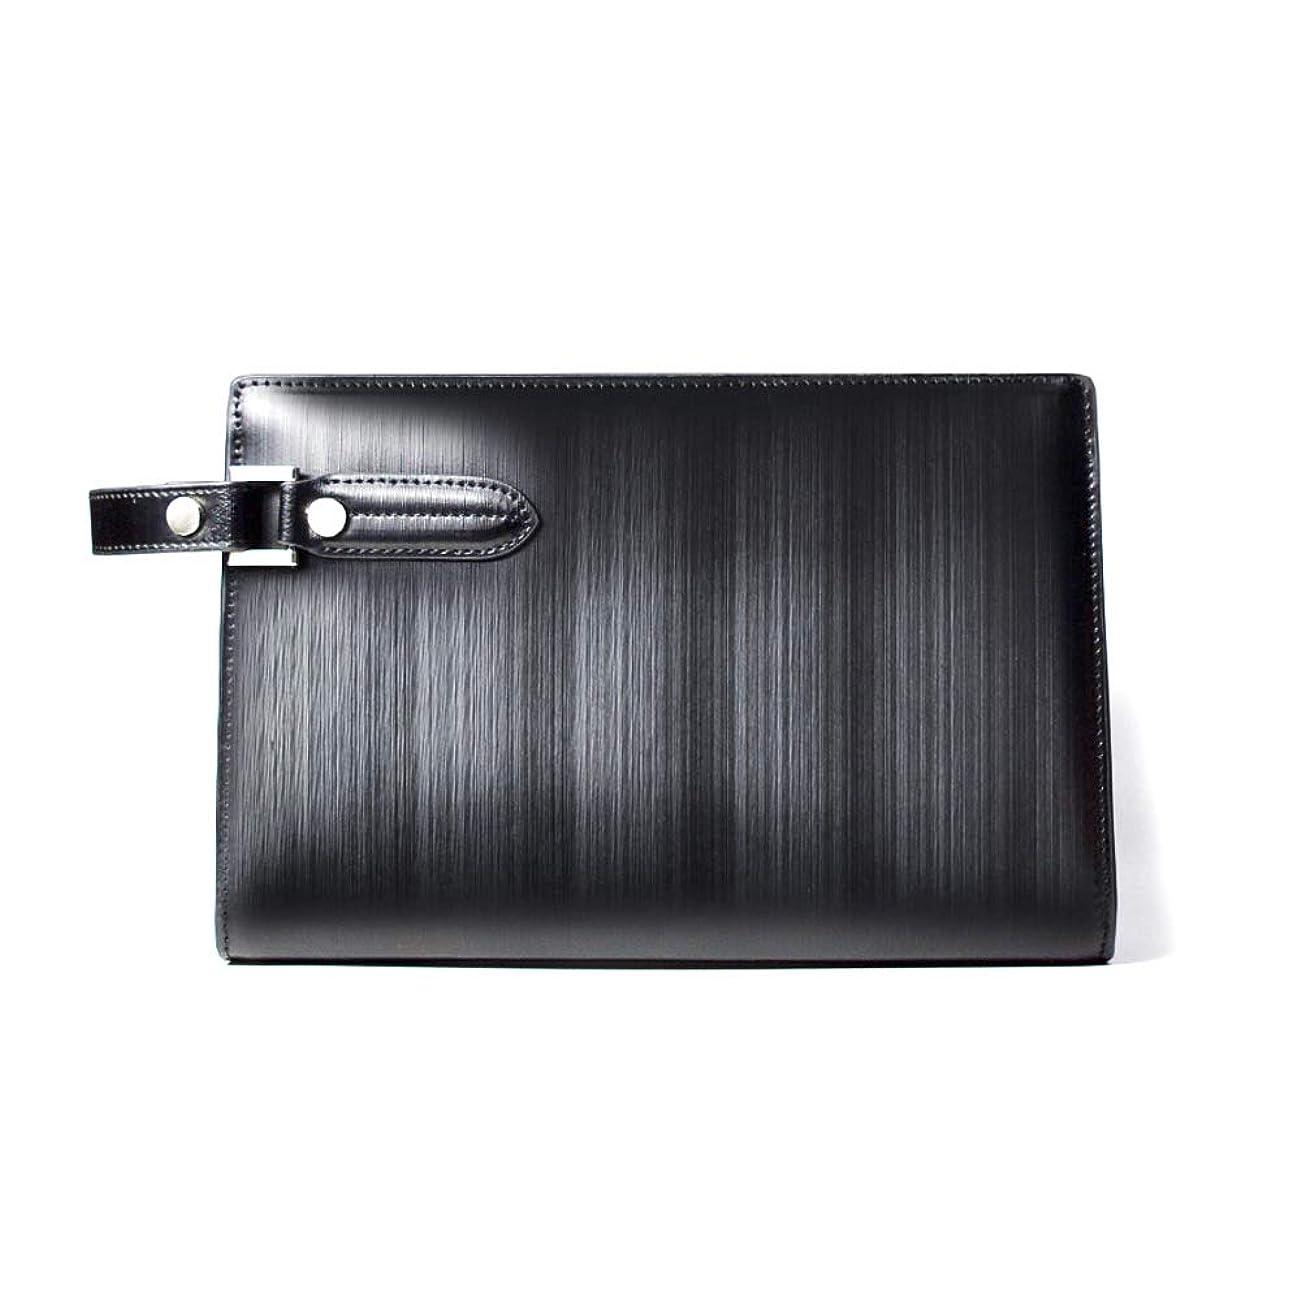 観点ヒップ粒子LANZA (ランザ) セカンドバッグ ストリシアレザー [ ブラック ] バッグ 鞄 イタリア製